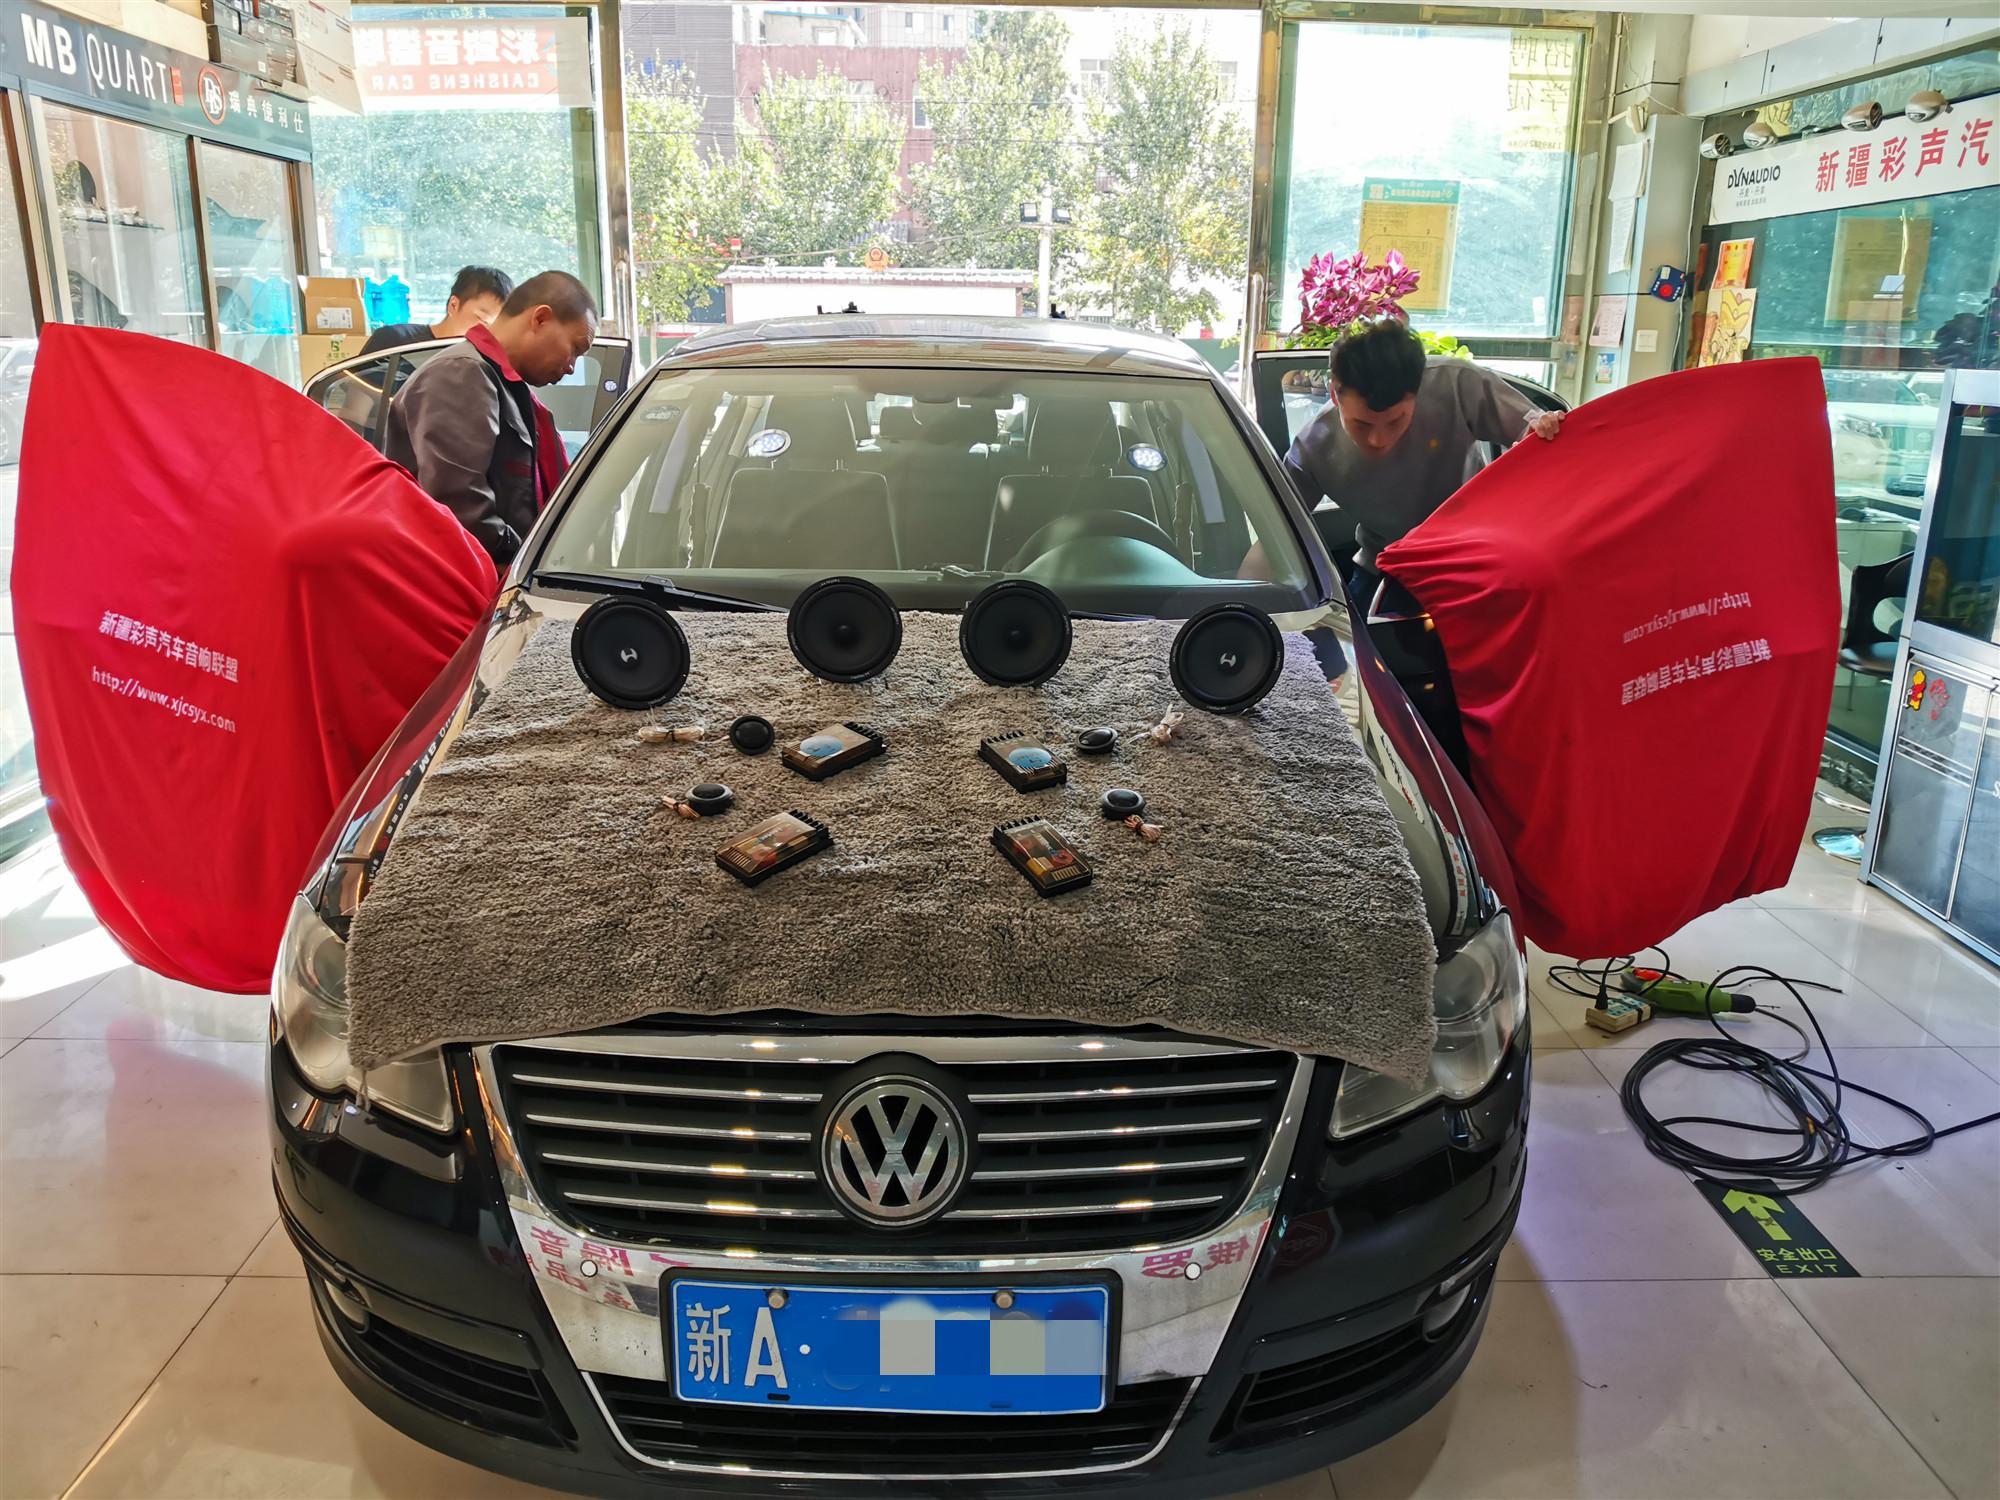 新疆乌鲁木齐彩声汽车音响改装—情怀迈腾的精神升级德国艾索特